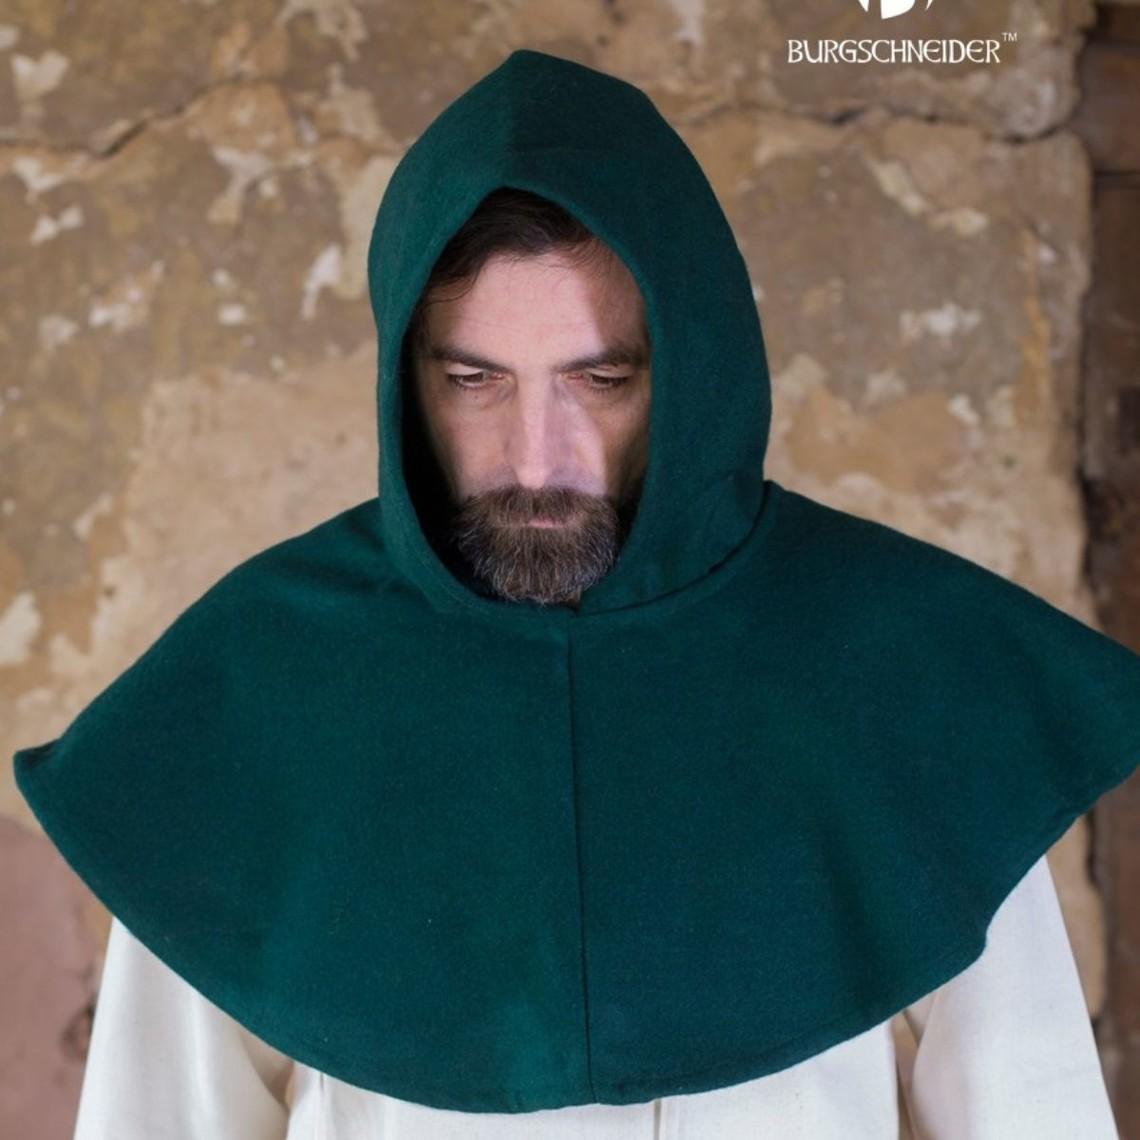 Burgschneider Kaproen Cucullus (groen)